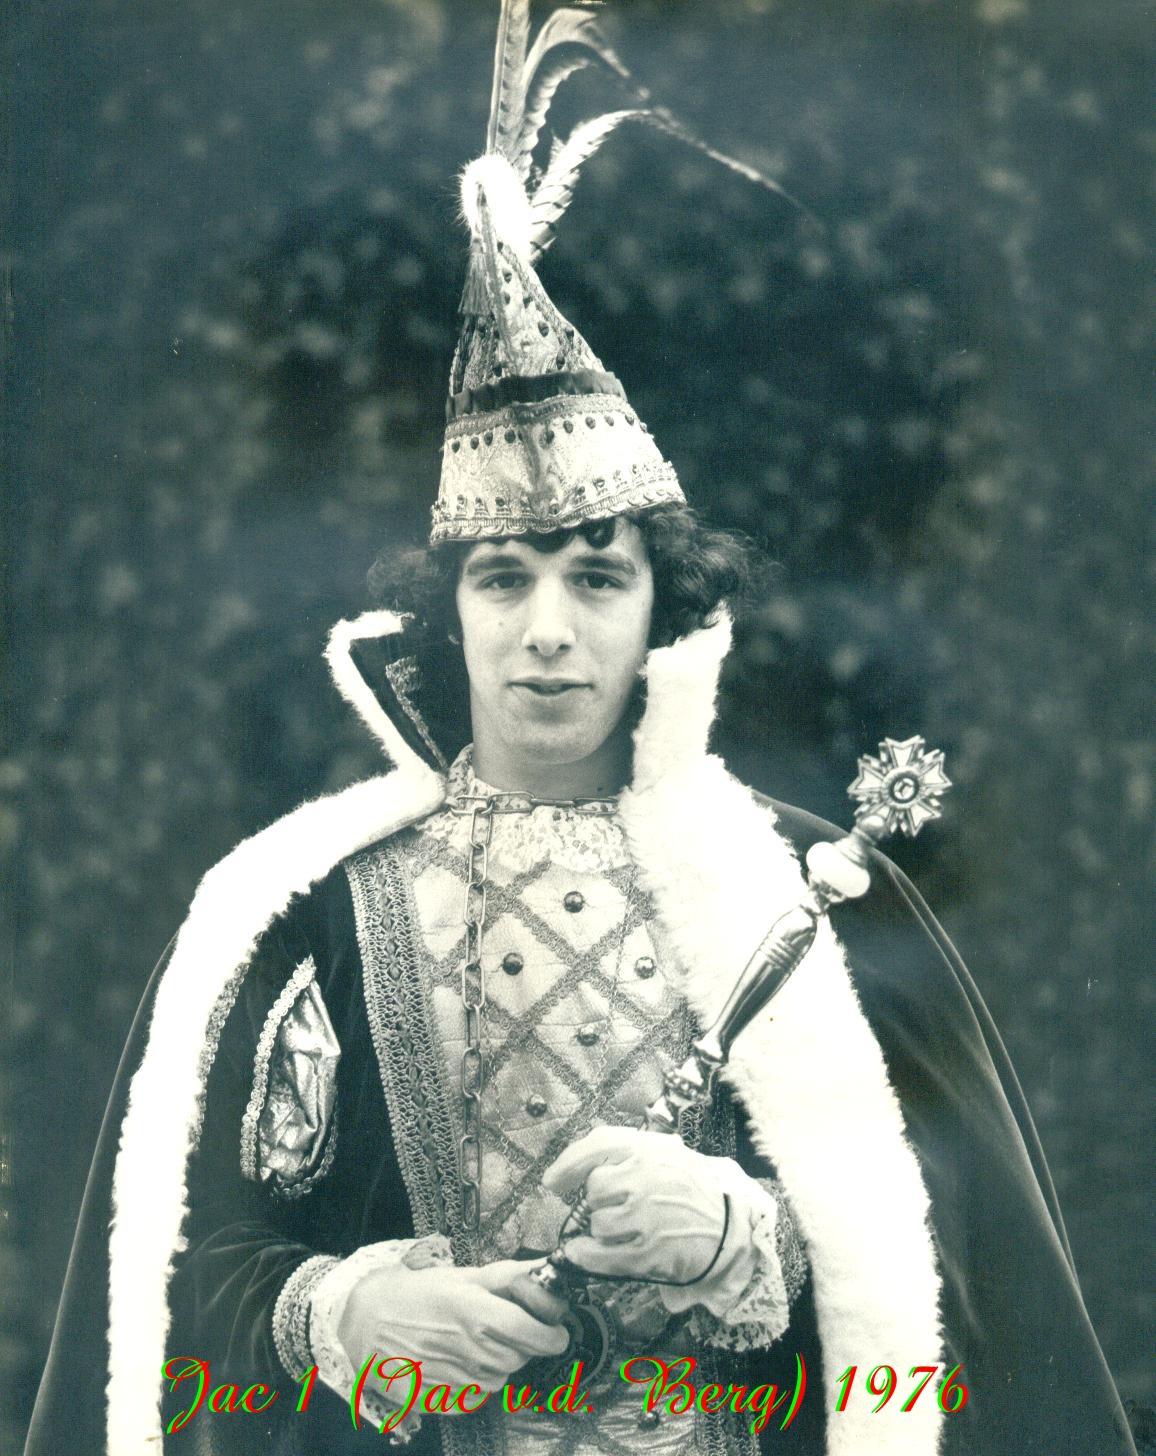 1975 Prins Jack (I) v.d. Berg